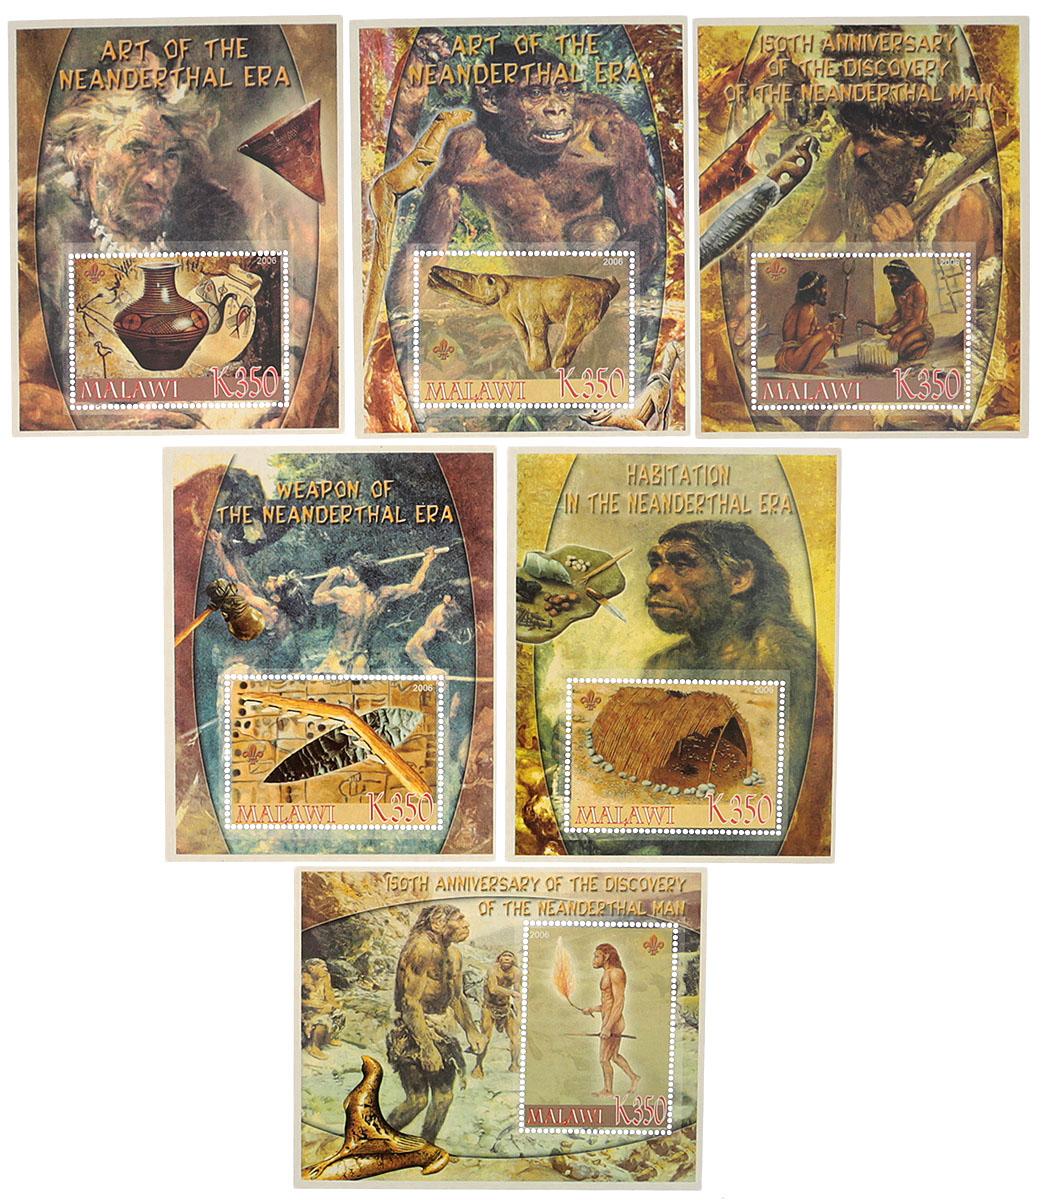 Комплект из 6 почтовых блоков Неандертальская эра. Малави, 2005 годМКСПБ 36-2016.10Комплект из 6 почтовых блоков Неандертальская эра. Малави, 2005 год. Размер блоков: 8 х 10 см. Размер марок: 3.5 х 5 см. Сохранность хорошая.